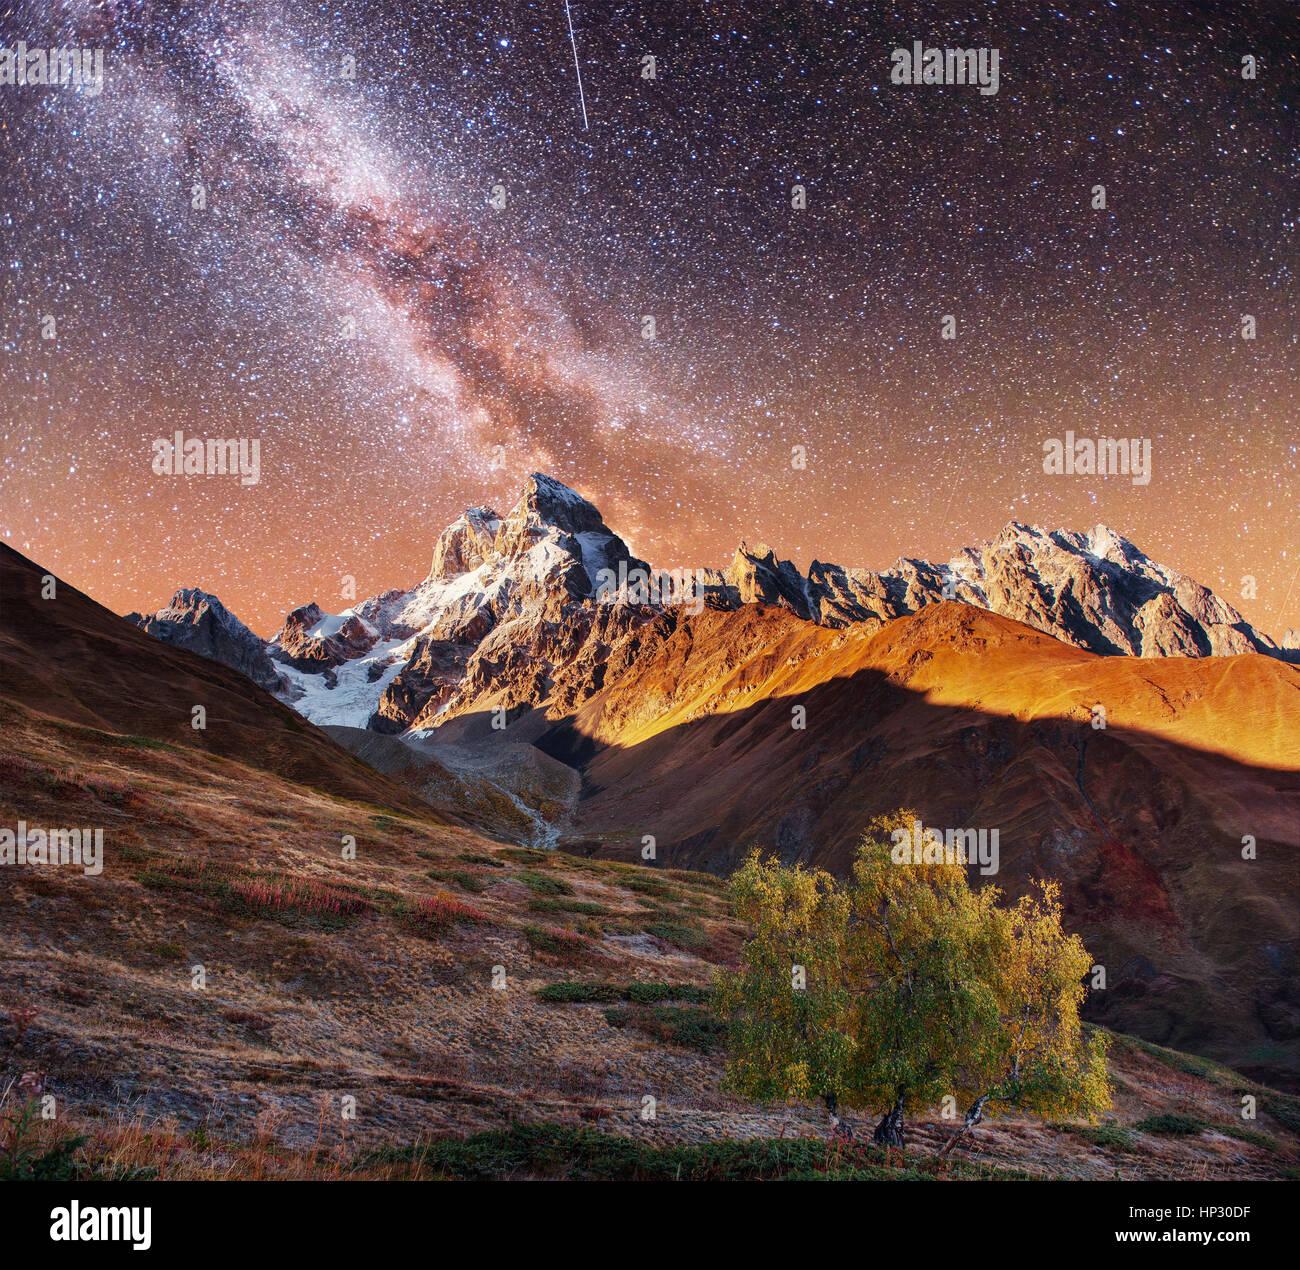 Fantástico collage. Cielo estrellado picos nevados. Foto de stock